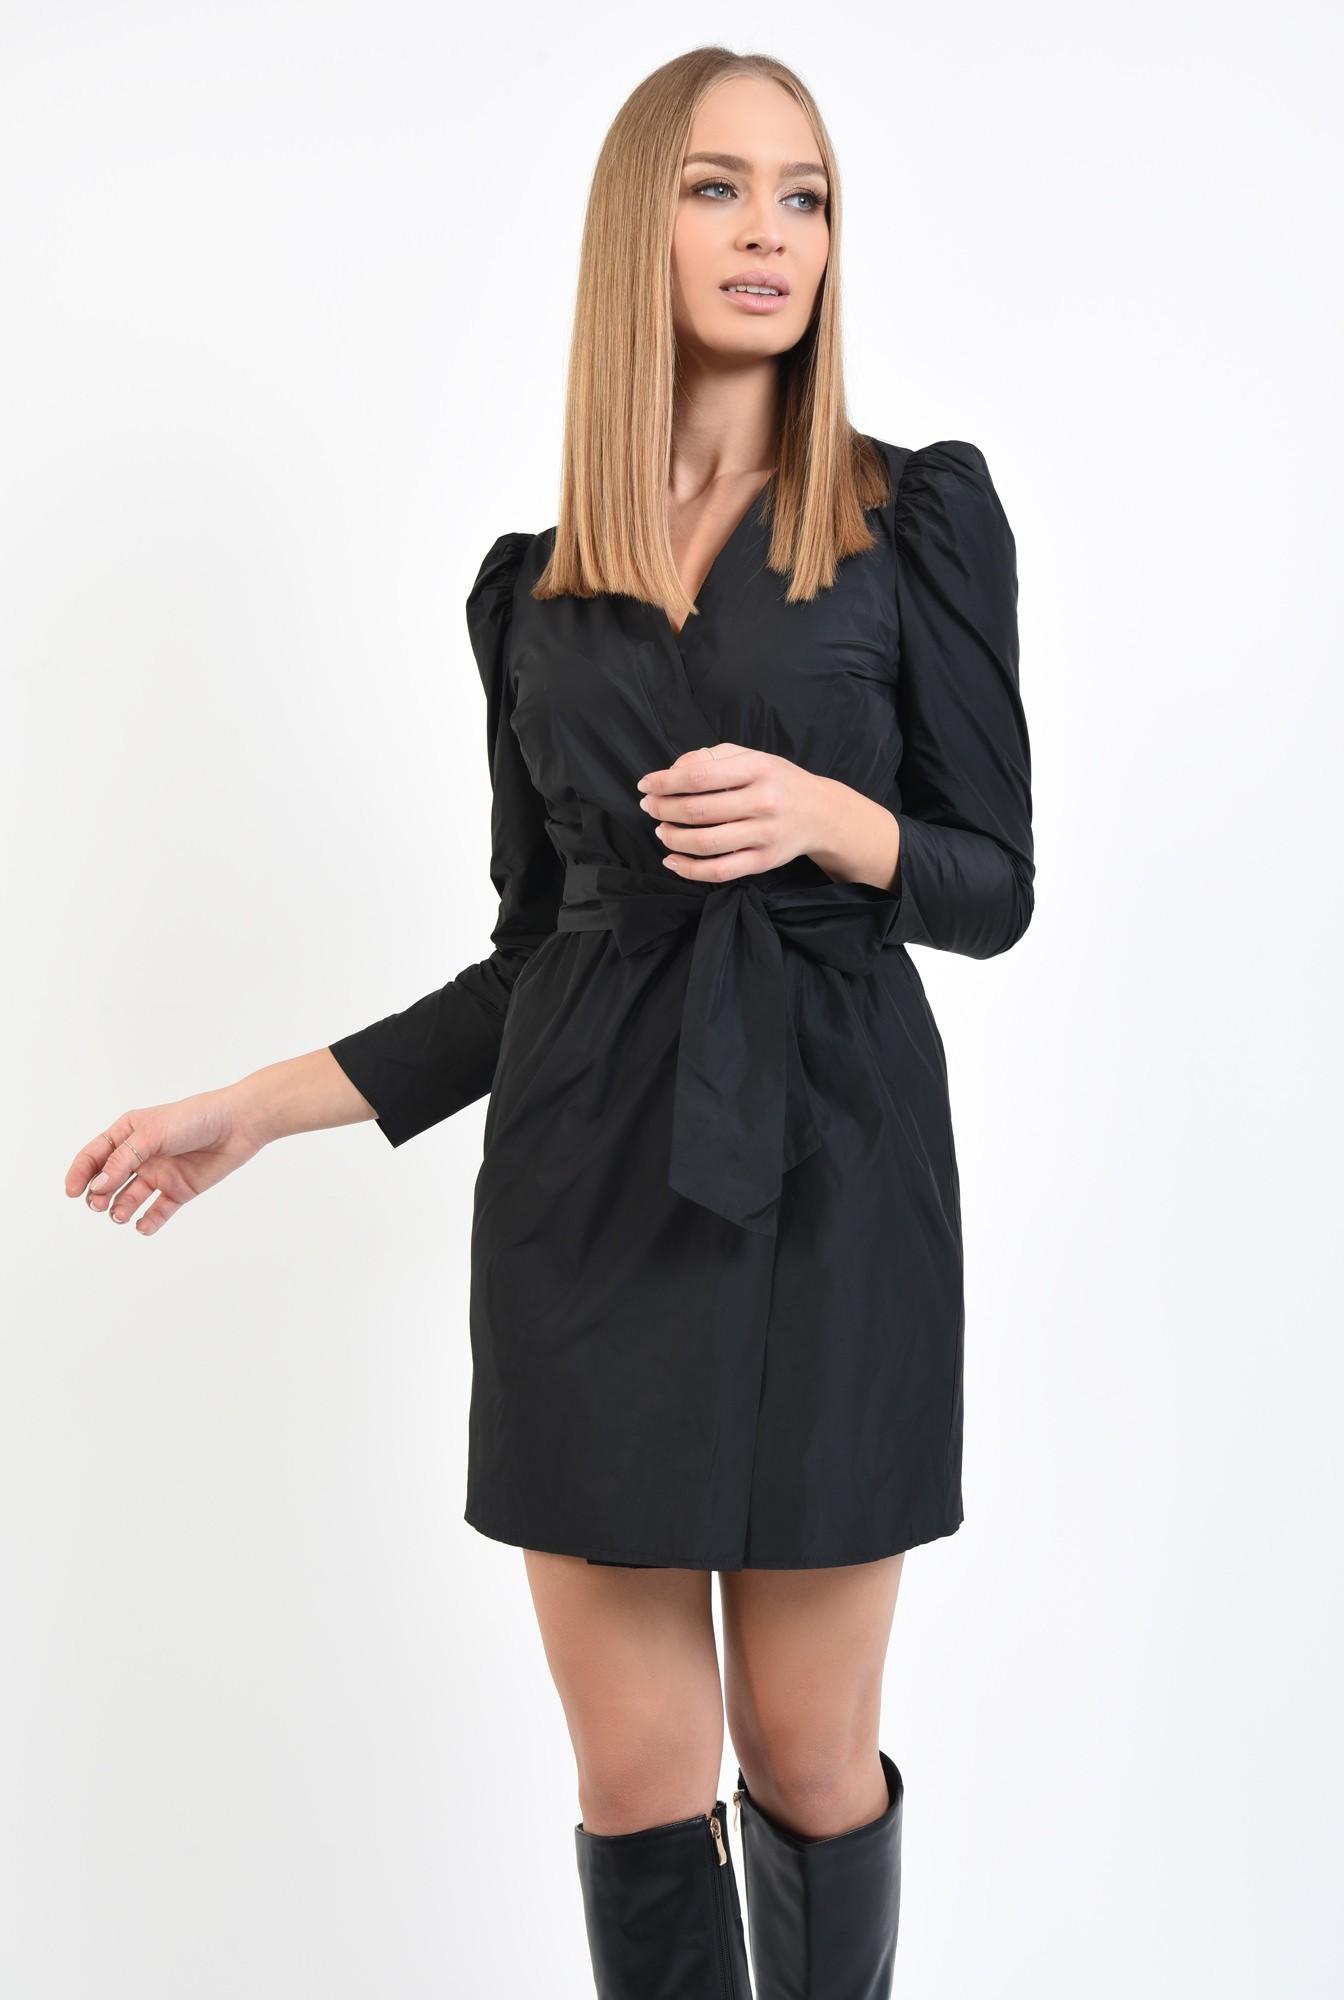 0 - 360 - rochie casual, scurta, petrecuta, neagra, cu cordon